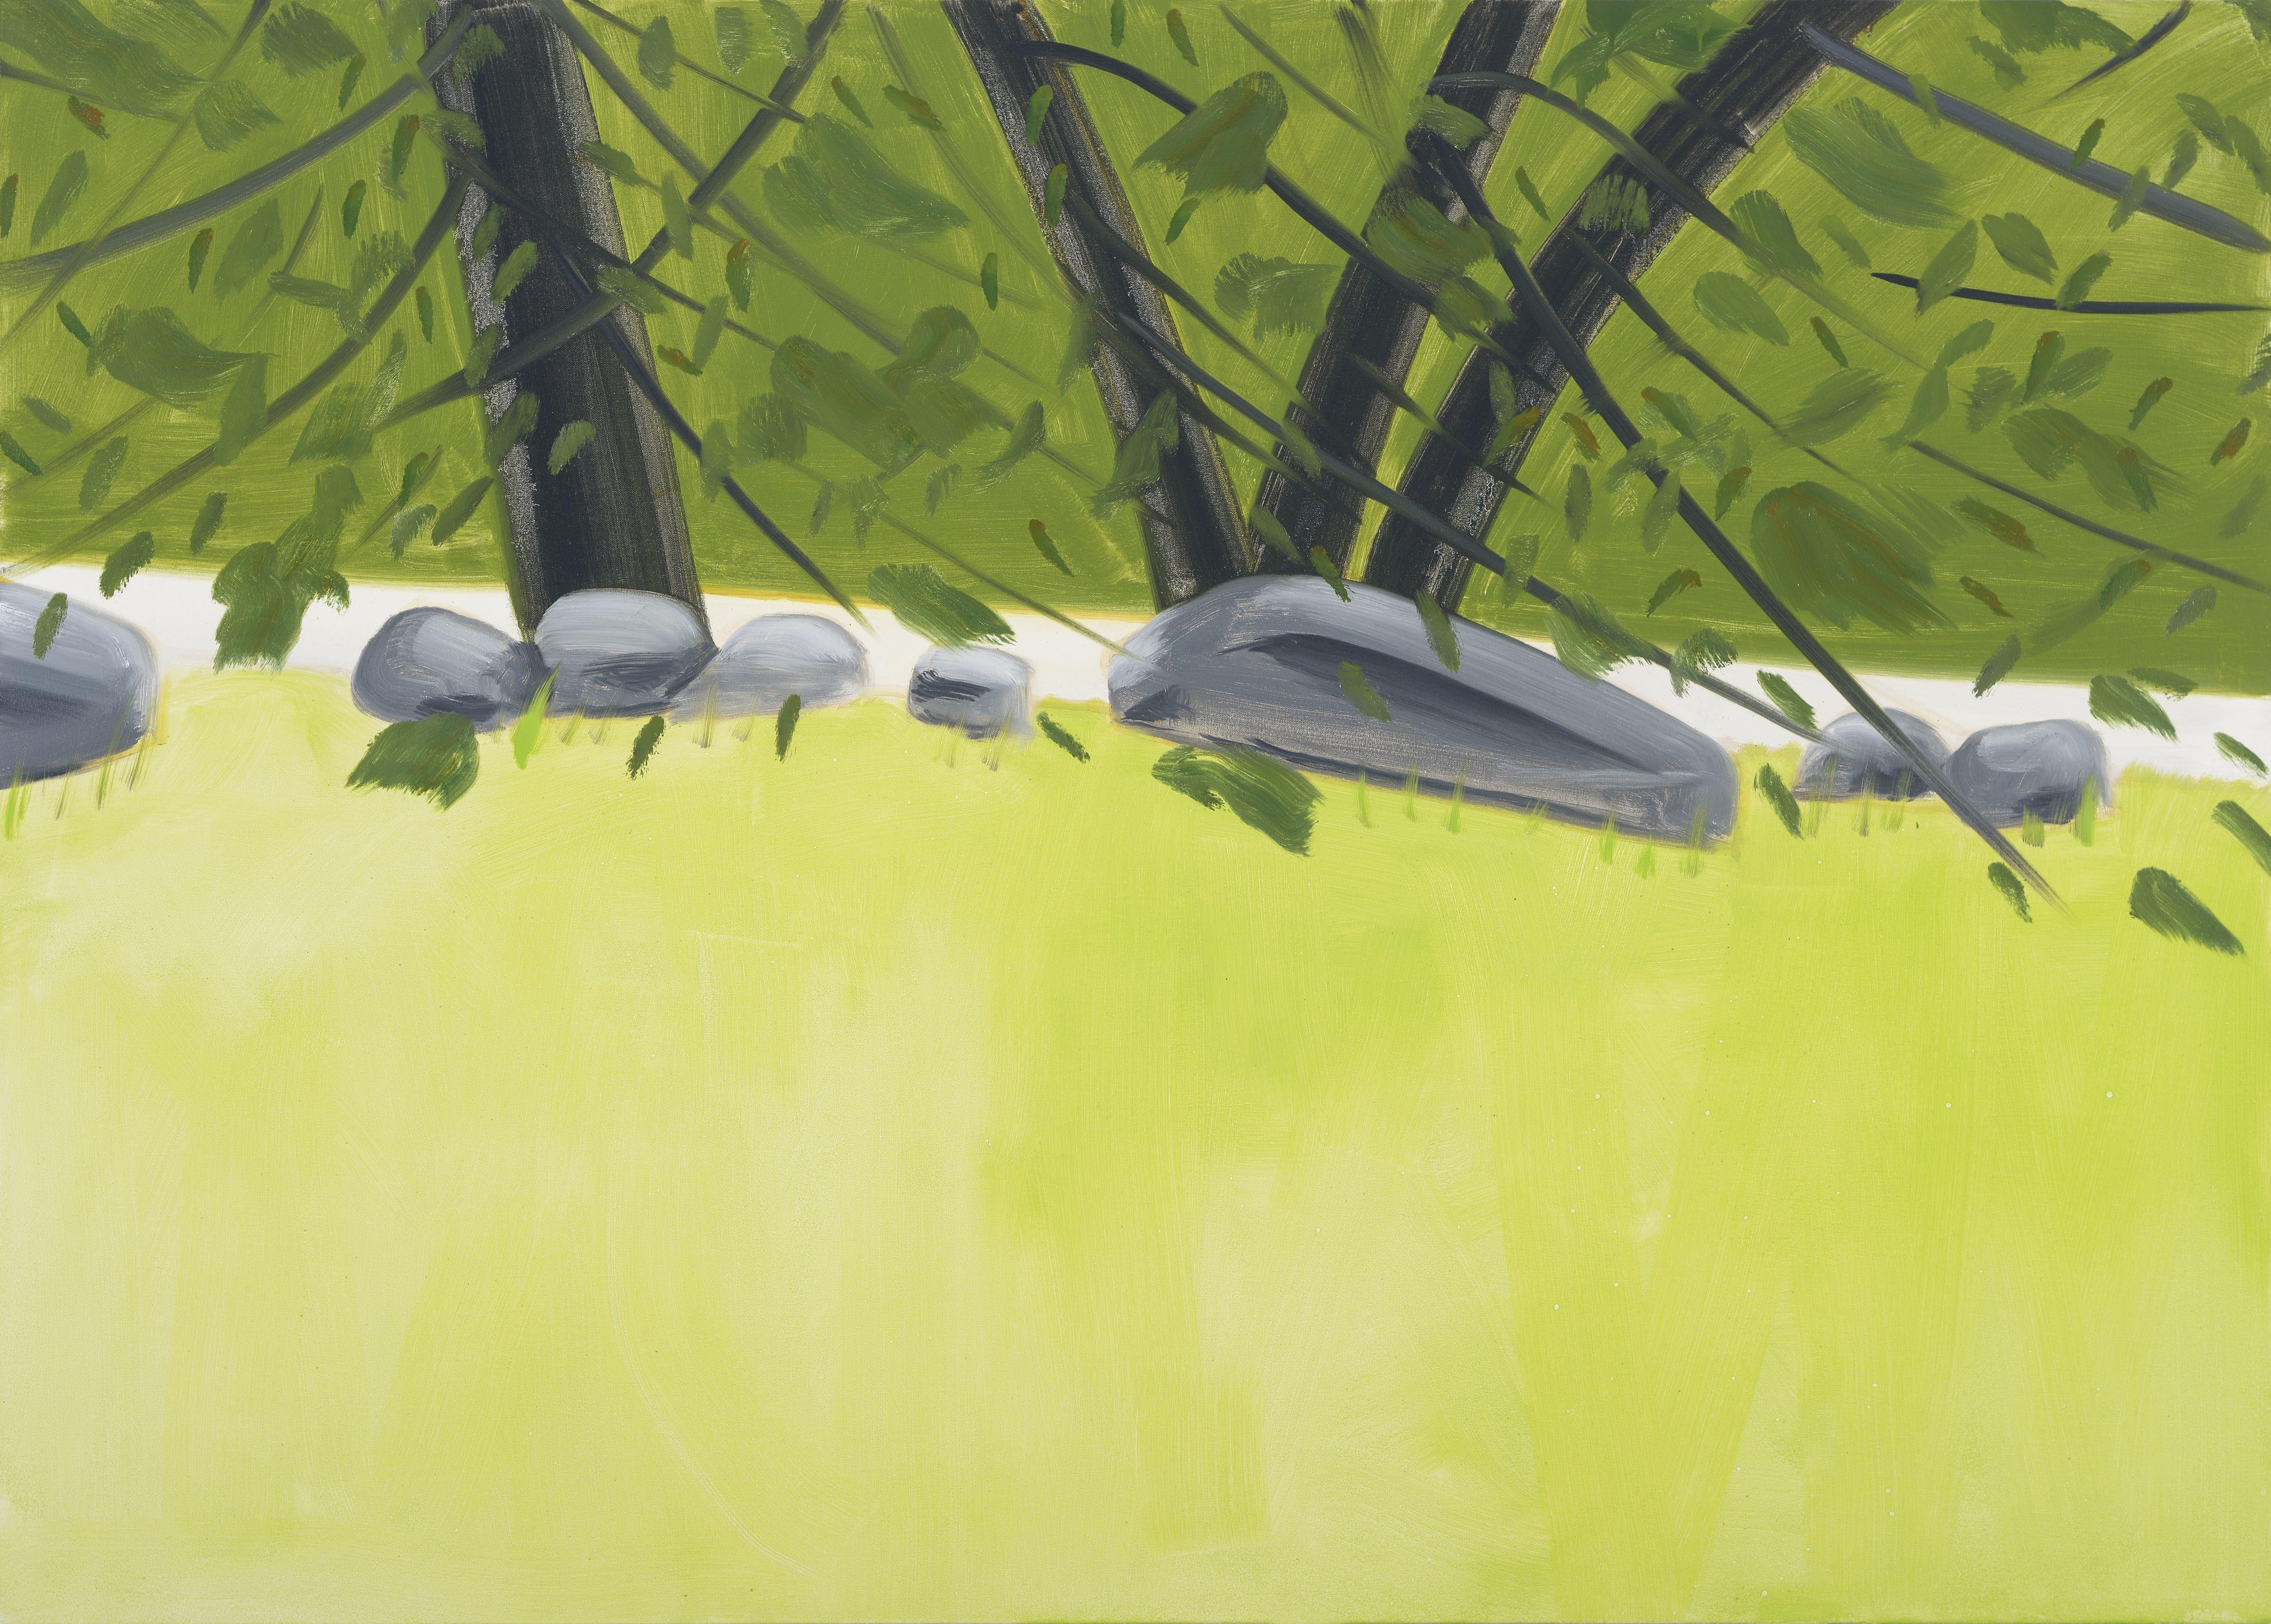 """Four Trees 2 (2015)d'Alex Katz.Photo : Paul Takeuchi. Courtesy Galerie Thaddaeus Ropac, Paris-Salzbourg. © Alex Katz/ADAGP Paris, 2016.  Il faut dire que les sujets de la peinture deKatzont eu matière à déconcerter les spécialistes : il peint, depuis les origines de son travail, ce qu'il voit, ce qui est autour de lui, enregistrant le monde comme une caméra de surveillance embarquée dans son quotidien – une préfiguration picturale littérale du Big Brother télévisé qui colonisera les écrans à la fin du XXe siècle. Ce qu'il voit : ses amis, les garden parties auxquelles il assiste (Réception sur l'herbe, 1989), et la nature dans laquelle est installé l'un de ses ateliers. Depuis 1949, en effet, invariablement,AlexKatzse retire de la fin du mois de juin jusqu'à la fin du mois de septembre dans l'atelier qu'il a acheté dans le Maine, en compagnie de son épouse, Ada, à qui il a d'ailleurs consacré un nombre impressionnant de toiles et qui reste l'un de ses principaux sujets. Depuis cette retraite estivale, il regarde inlassablement la nature, les couleurs de l'eau d'un ruisseau, le dessin formé par les troncs d'arbres dans une forêt. Il ne fait pas d'esquisses. De retour à l'atelier, il convoque ses souvenirs et les retranscrit sur de grands rouleaux de papier, cherchant à restituer un sentiment plutôt qu'une réalité –un procédé qui devait emporter l'adhésion, quarante ans plus tard, de photographes comme Jeff Wall. """"Il est indispensable d'omettre certains éléments pour obtenir une peinture réaliste plutôt que ressemblante"""", confiaitAlexKatzau critique d'art Heinz Peter Schwerfel, qui réalisa plusieurs films sur lui, et le suivit lors de ses voyages qui le conduisent à la fin de l'été de l'atelier du Maine à celui de New York."""